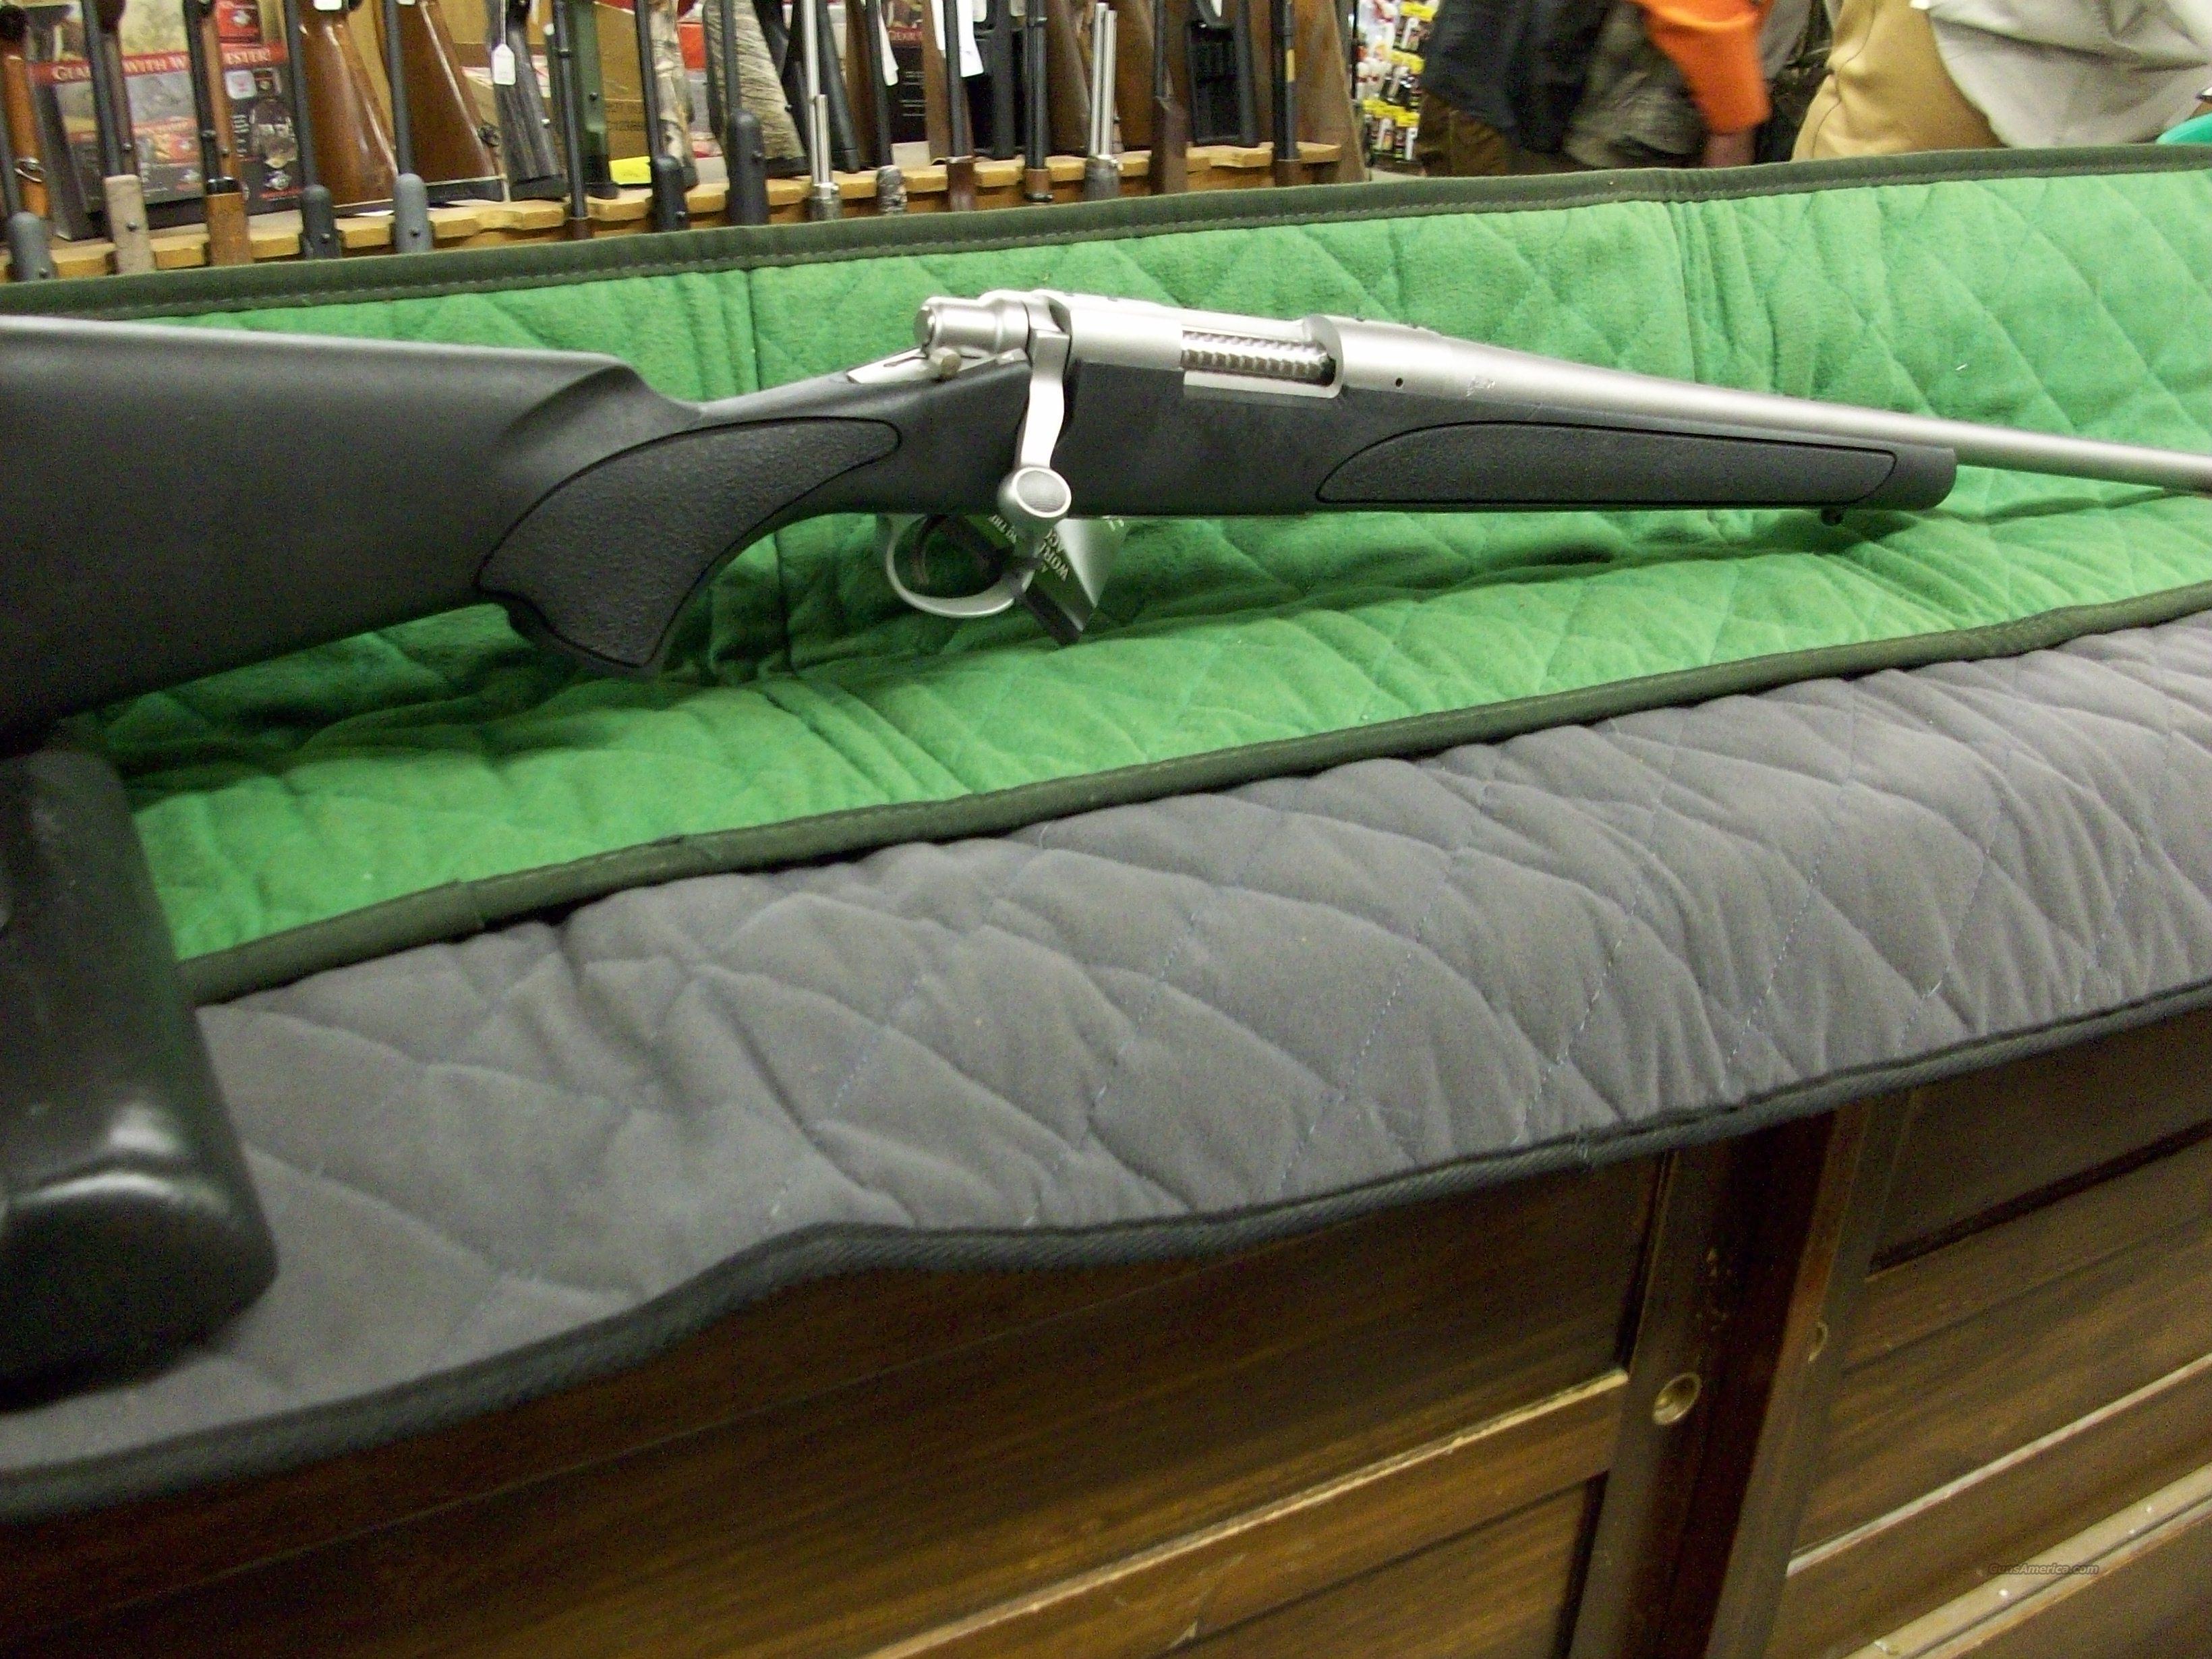 Remington Model 700 SPS Stainless 22-250 Rem  **NEW** 27135  Guns > Rifles > Remington Rifles - Modern > Model 700 > Sporting